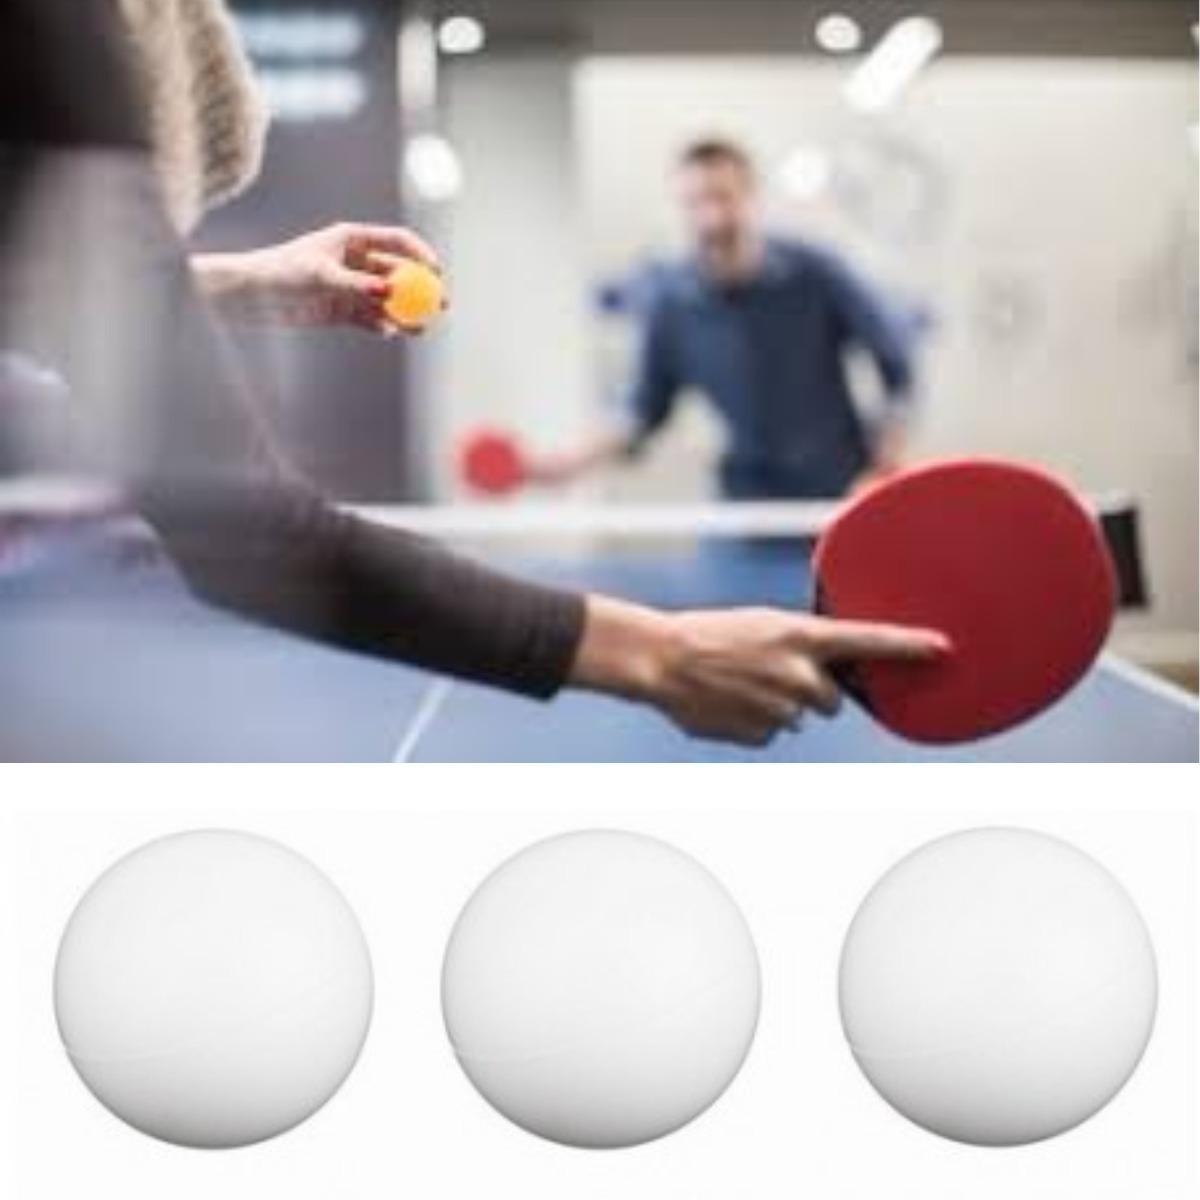 Kit c 3 bolas brancas de ping pong t nis de mesa - Bolas de pin pon ...